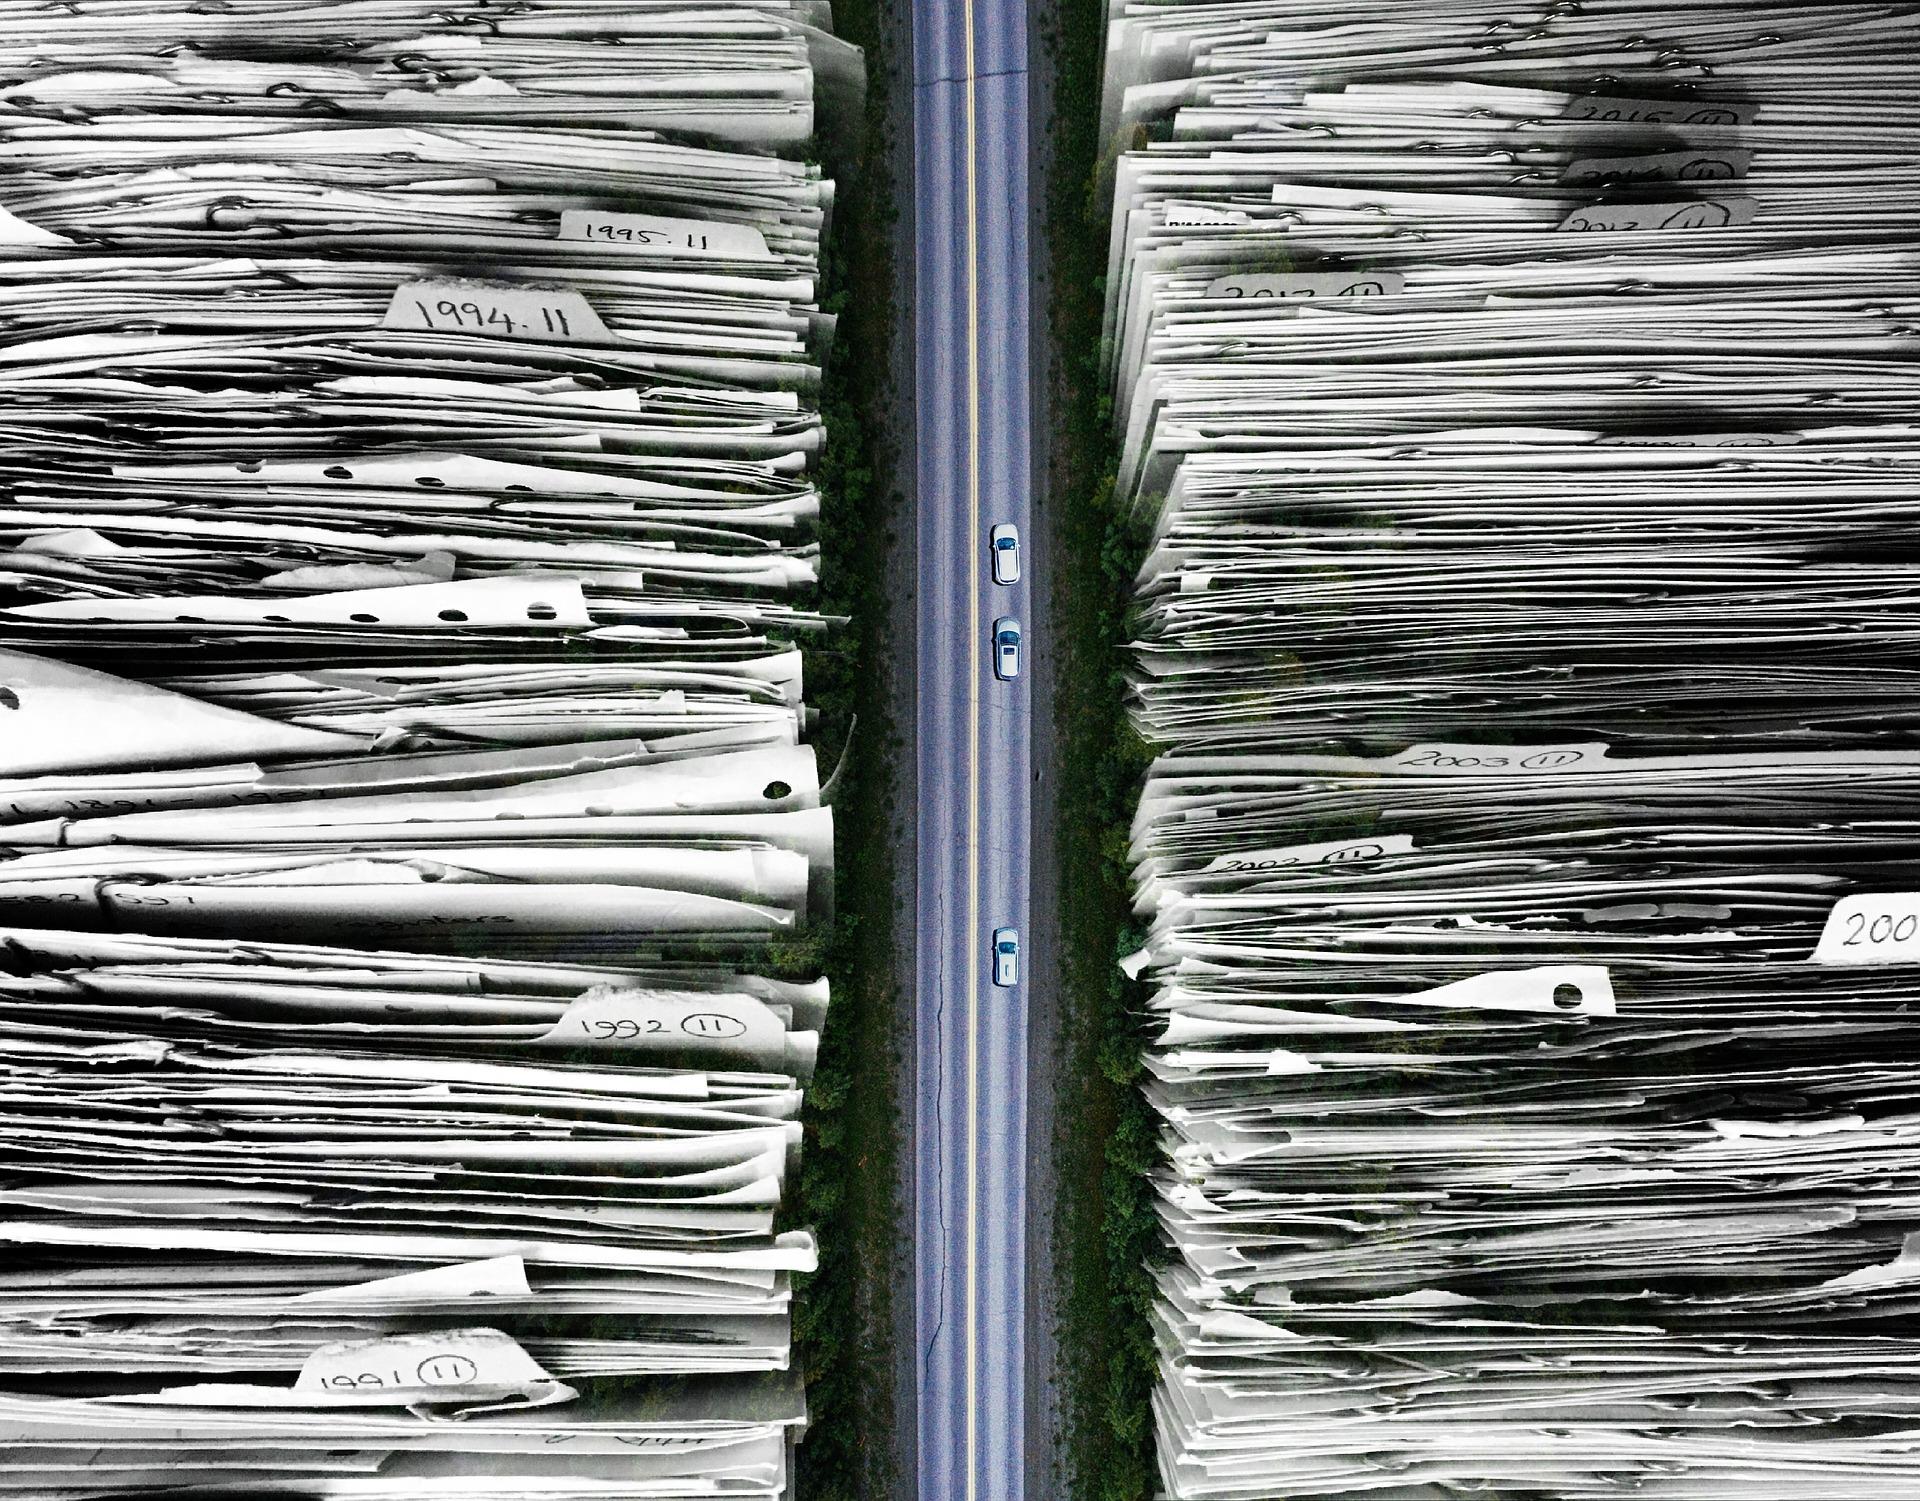 Destrucción de documentos y su impacto